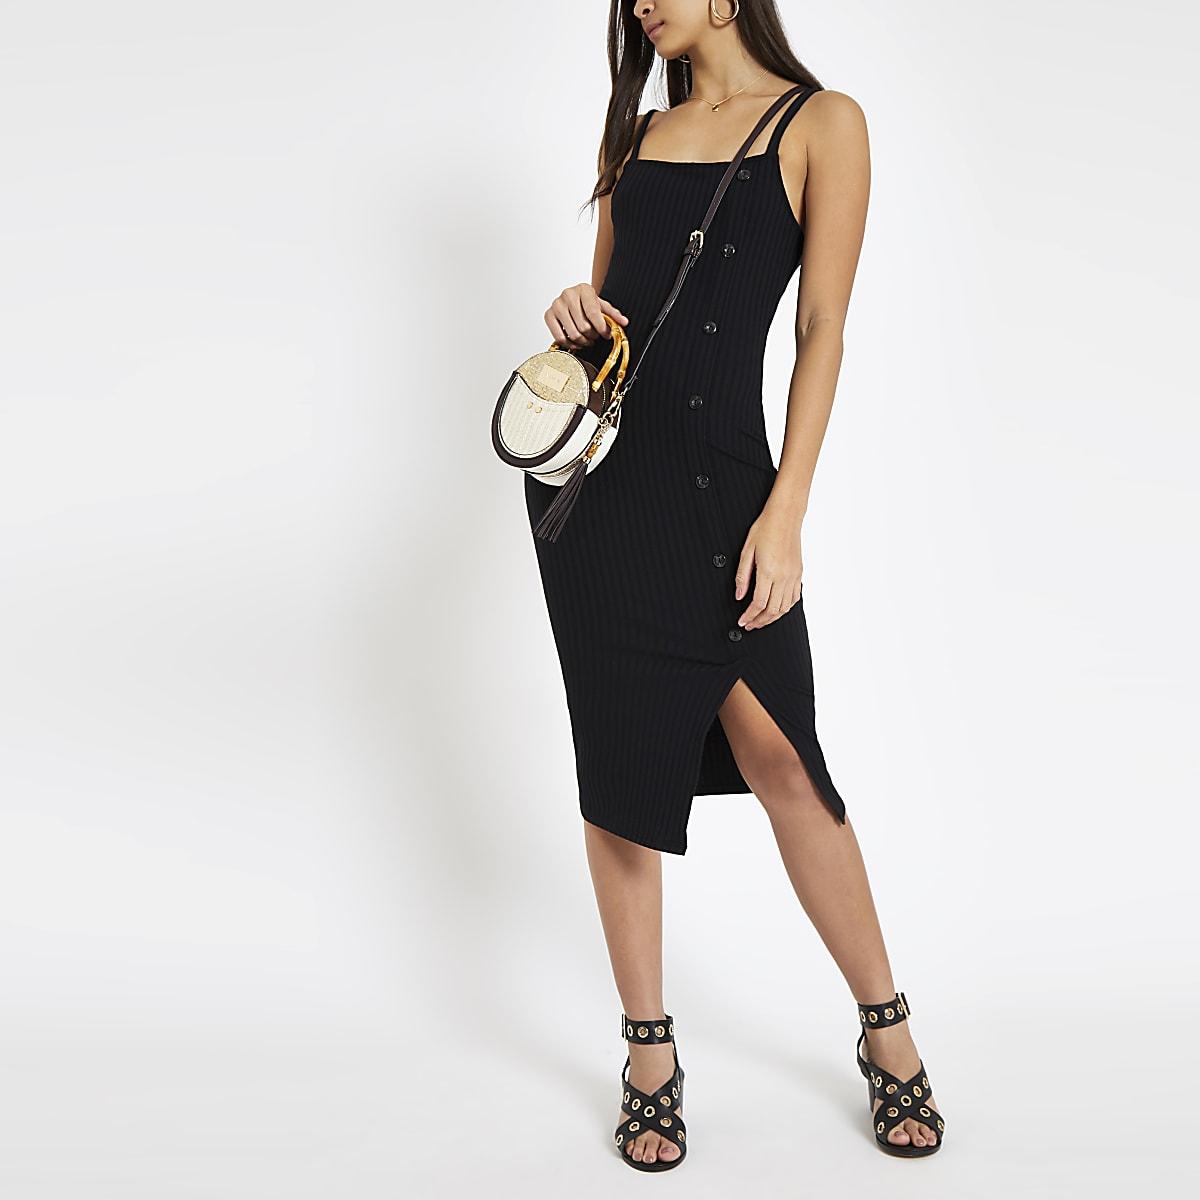 49822f495a08a7 ... Zwarte geribbelde asymmetrische midi-jurk met knopen opzij ...